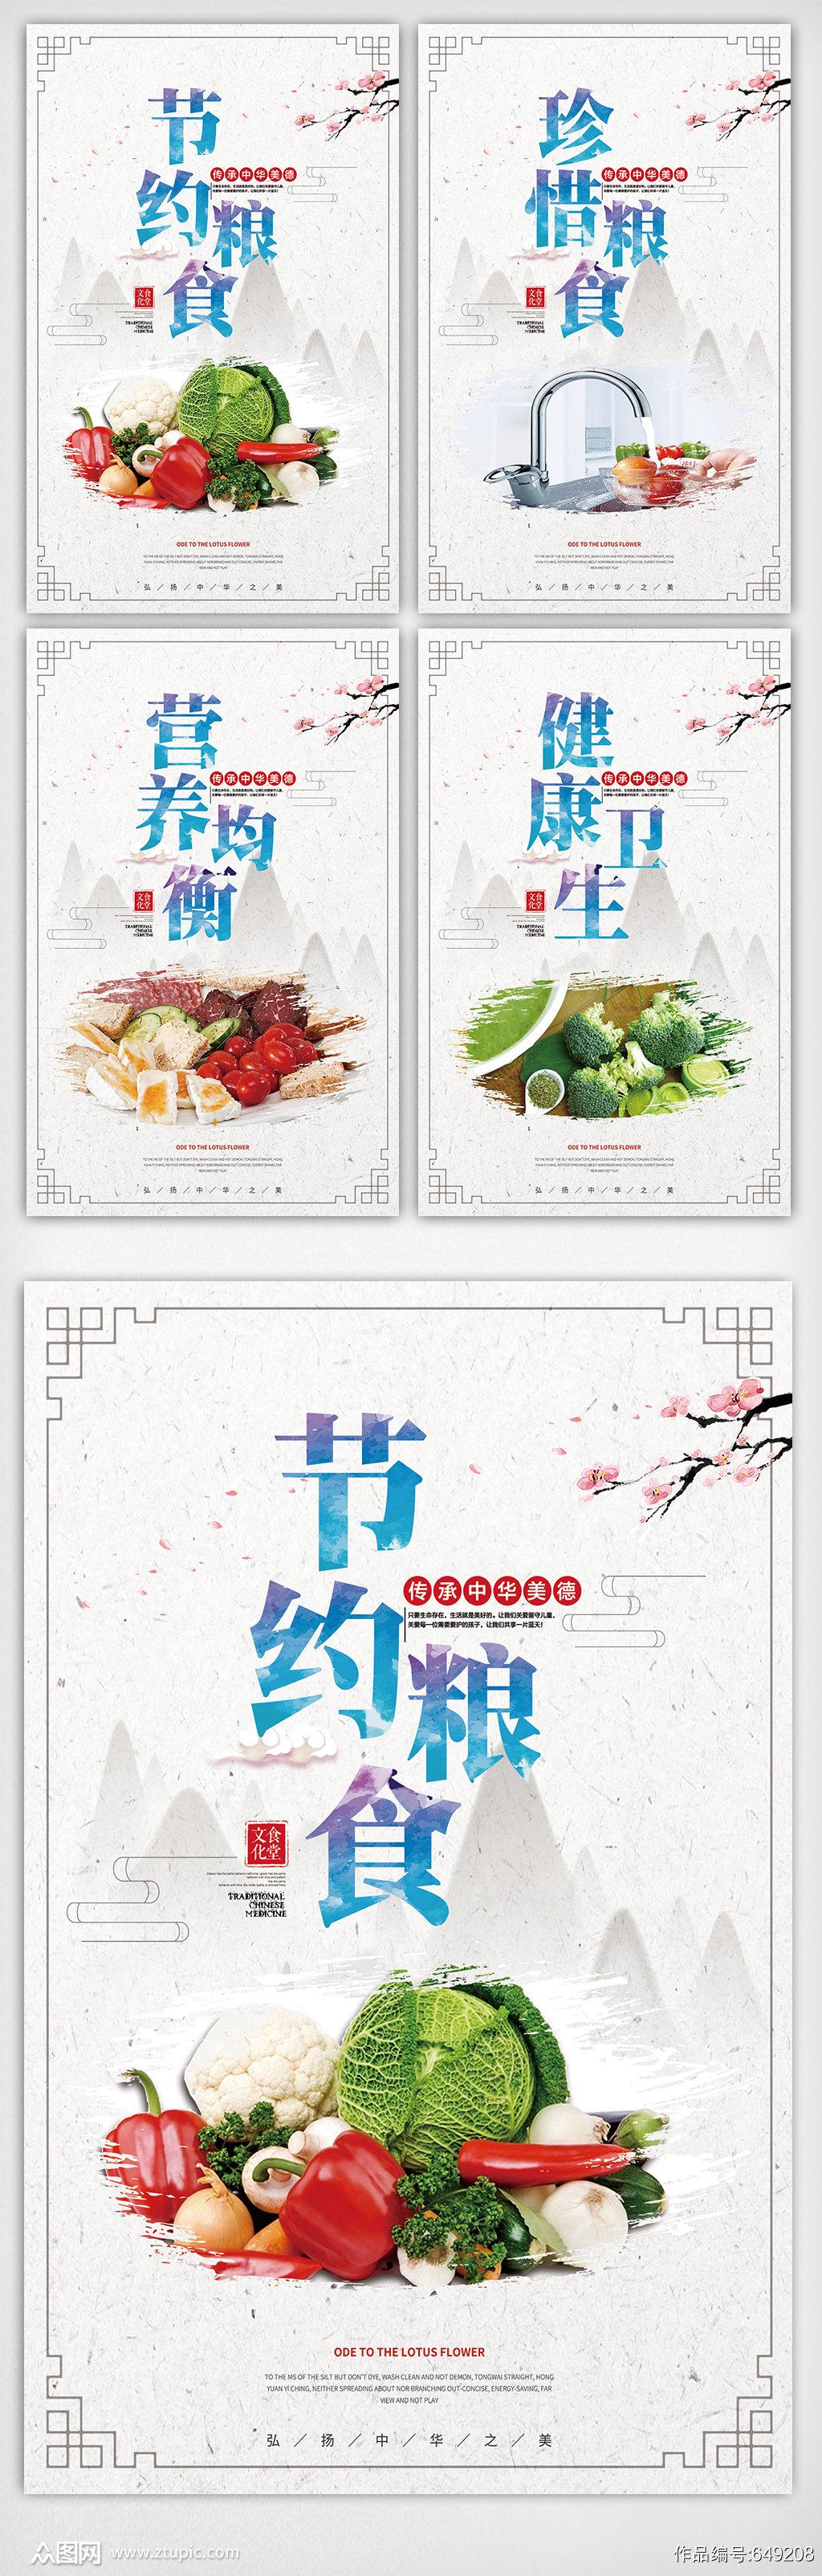 大气食堂美食文化宣传挂画展板设计 珍惜粮食挂画素材